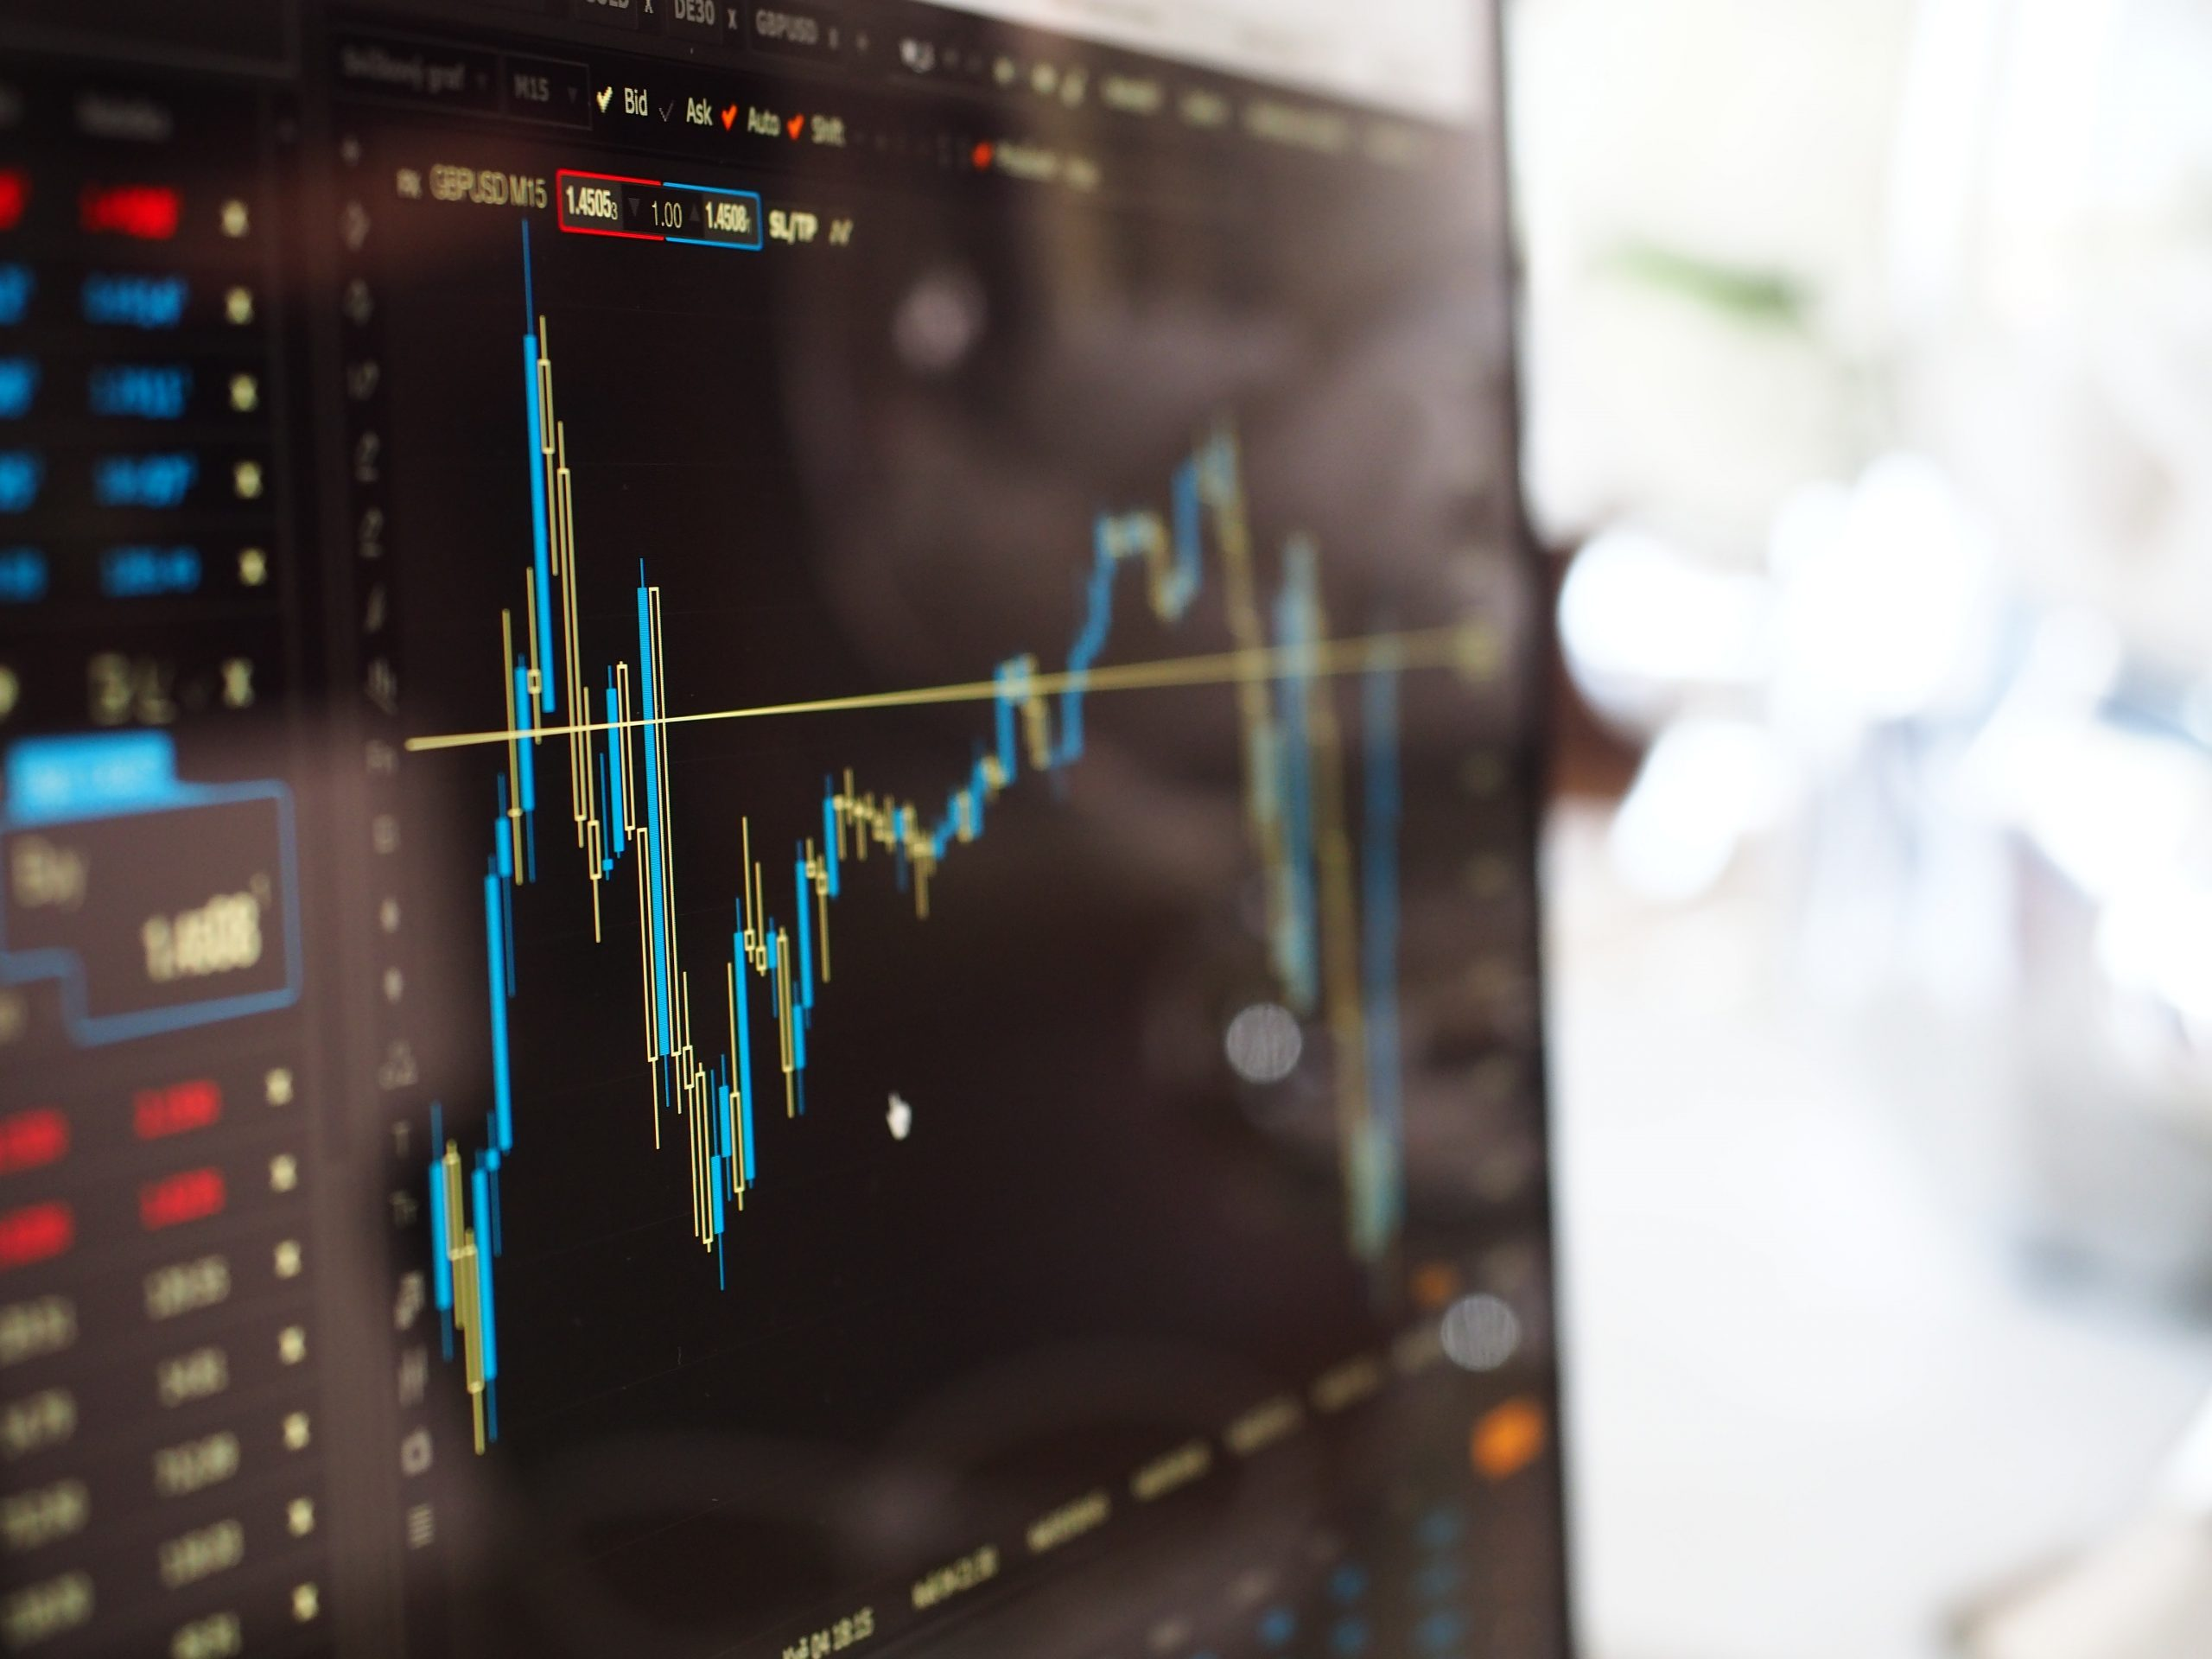 Les dividendes en chute libre frappent les investisseurs alors que les actions sont en hausse